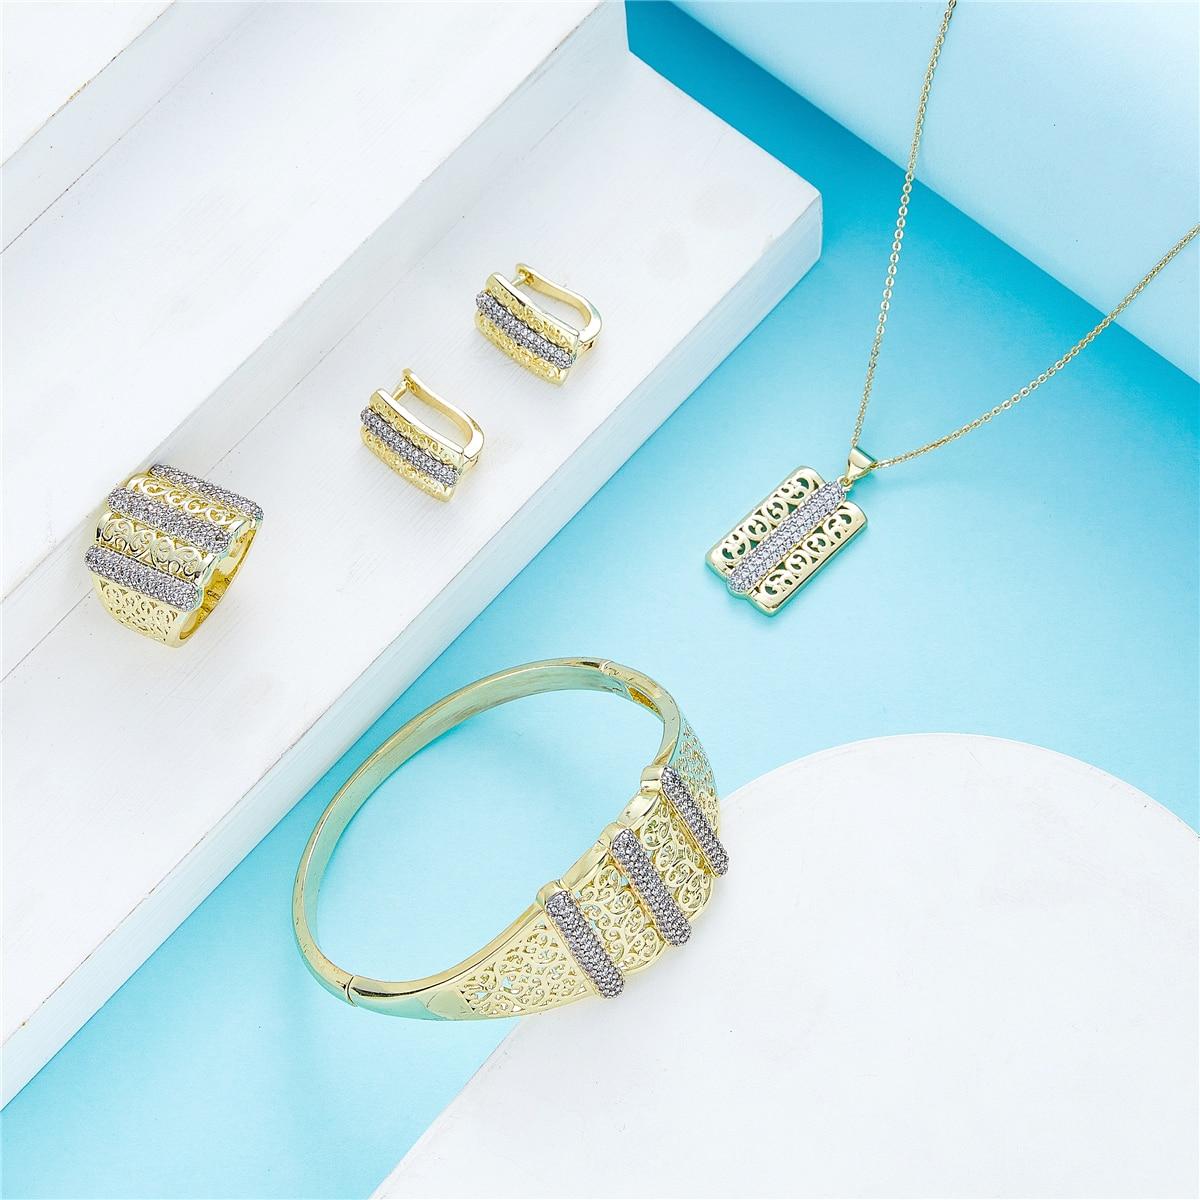 2021 مايو المغرب الساخن بيع اكسسوارات مجموعة مجوهرات الزفاف للنساء المجوهرات التقليدية مجموعة النحاس عالية الجودة مجموعة مجوهرات